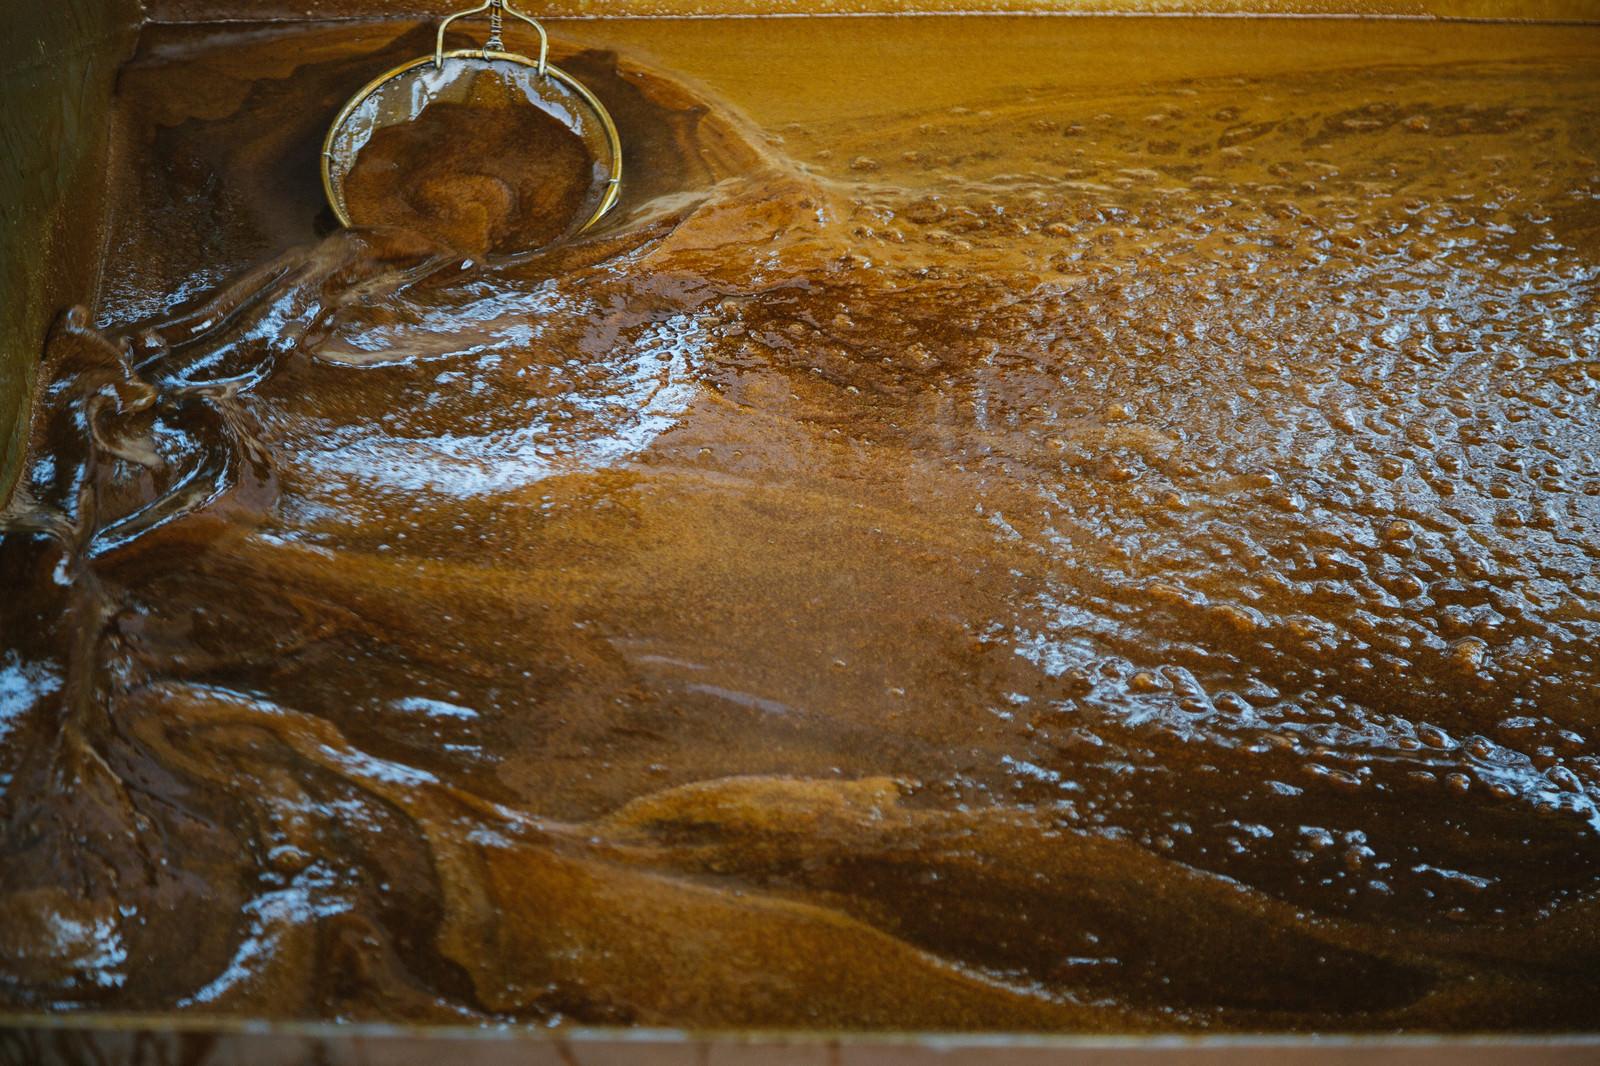 「搾りたての黒砂糖(徳之島黒砂糖祭り) | 写真の無料素材・フリー素材 - ぱくたそ」の写真